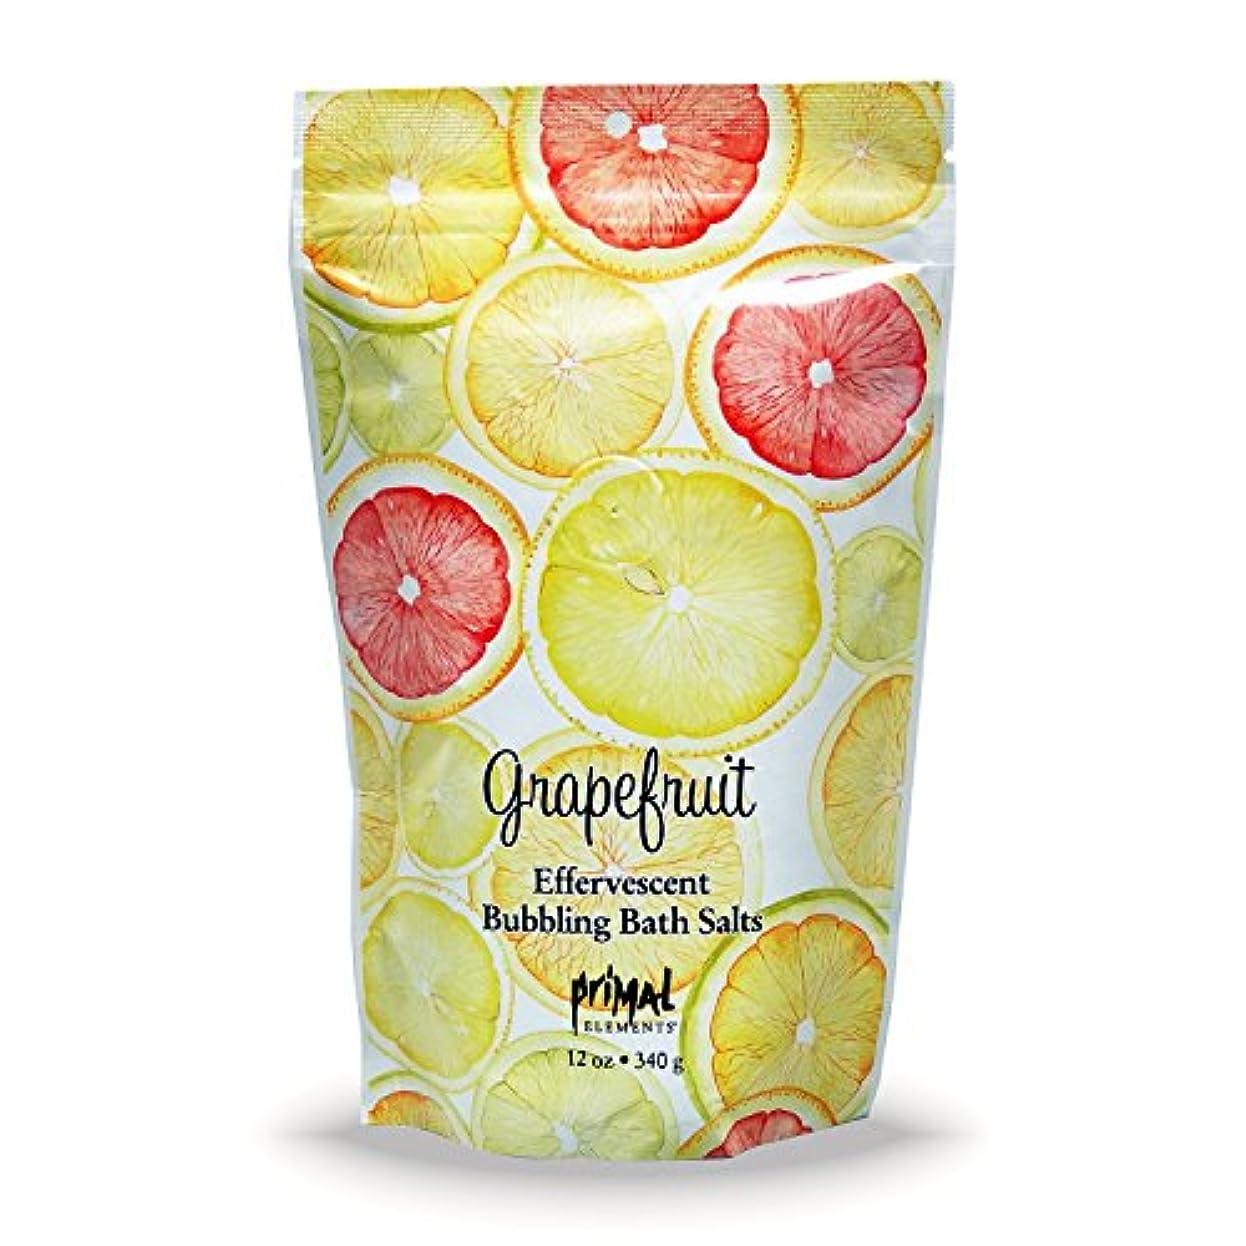 わざわざ直感甘味プライモールエレメンツ バブリング バスソルト/グレープフルーツ 340g エプソムソルト含有 アロマの香りがひろがる泡立つ入浴剤